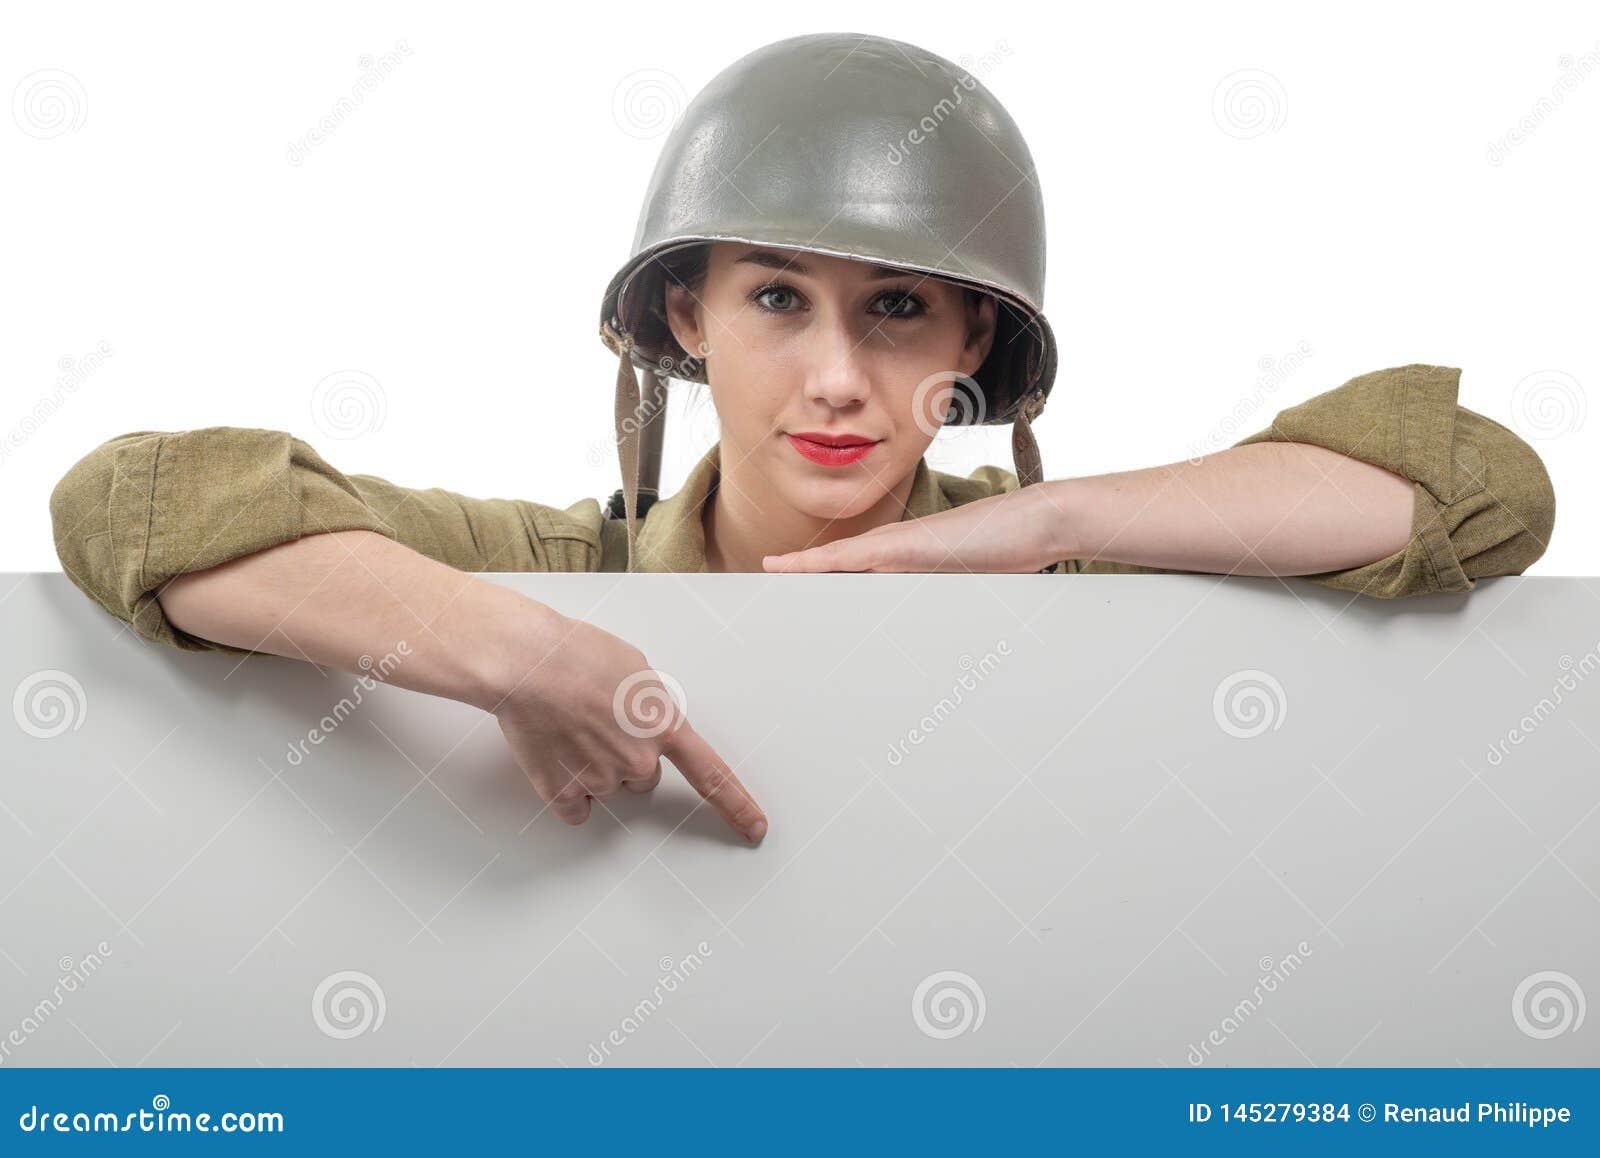 Η νέα γυναίκα έντυσε στην αμερικανική στρατιωτική στολή ww2 που παρουσιάζει κενή κενή πινακίδα